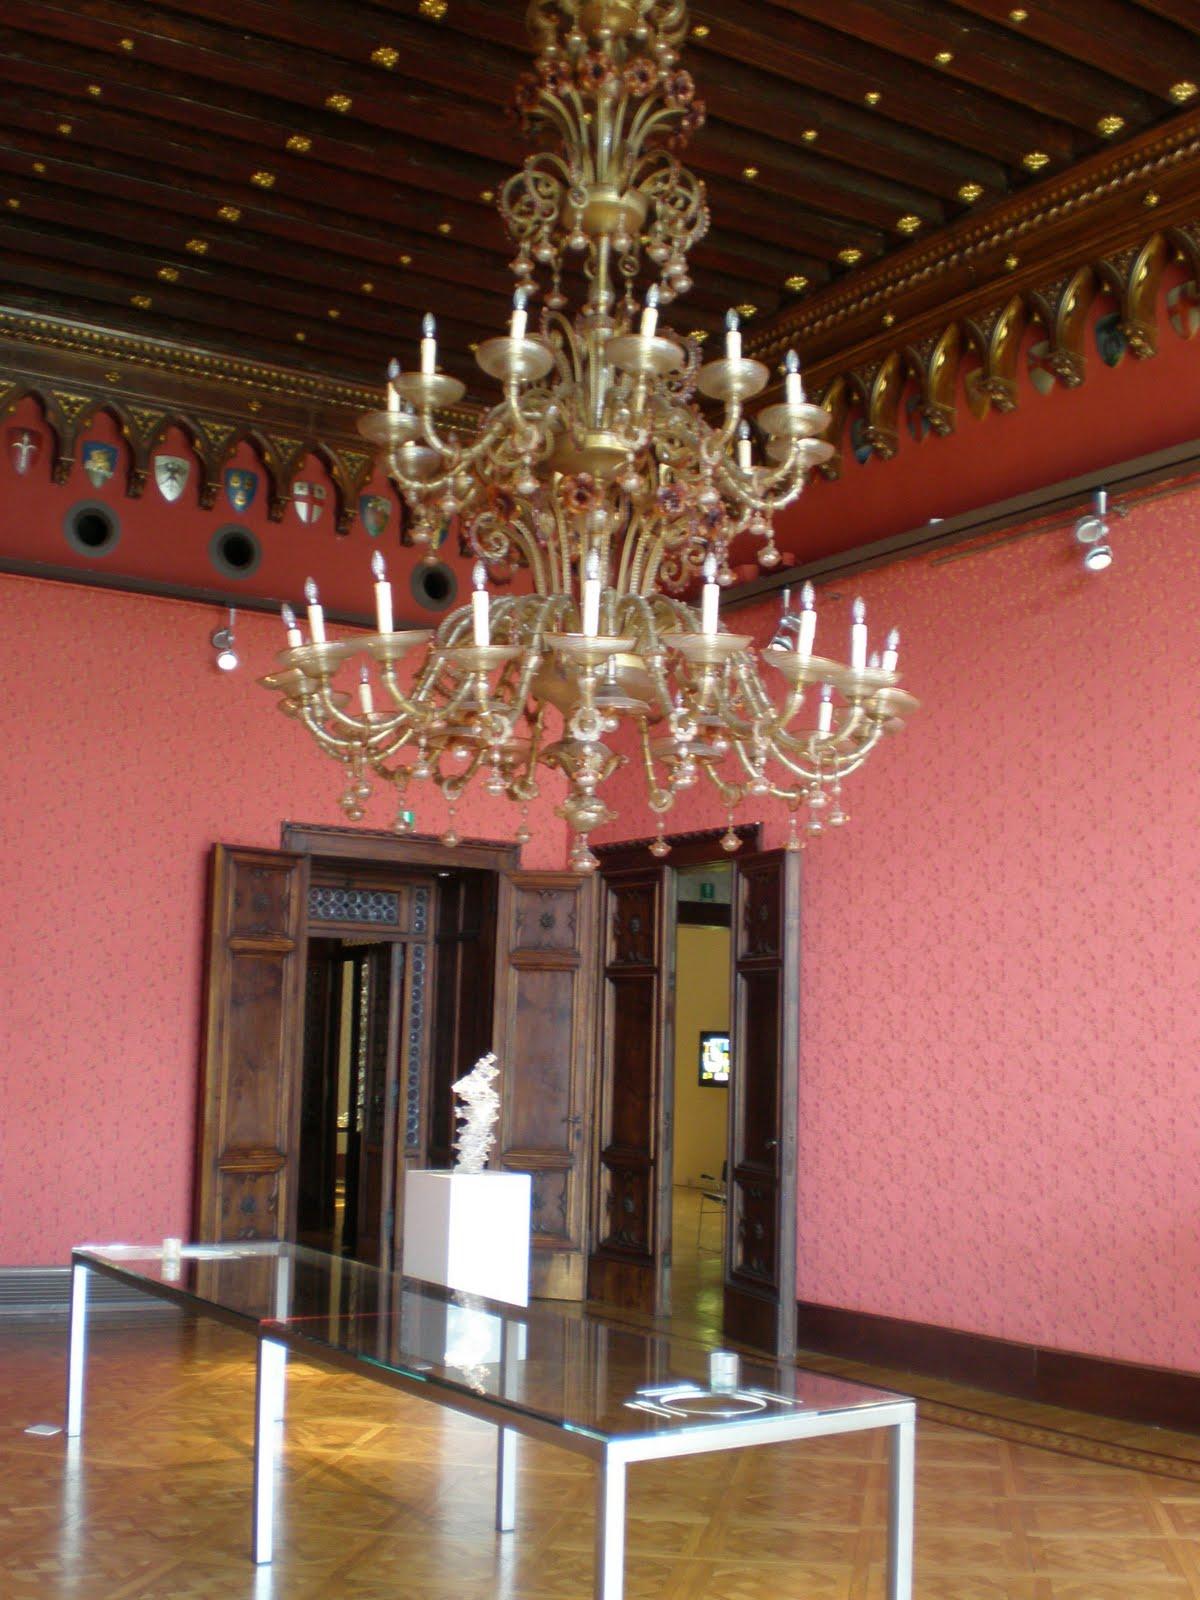 lampadari venezia : Venezia: i lampadari in primo piano nobile del palazzo Cavalli ...